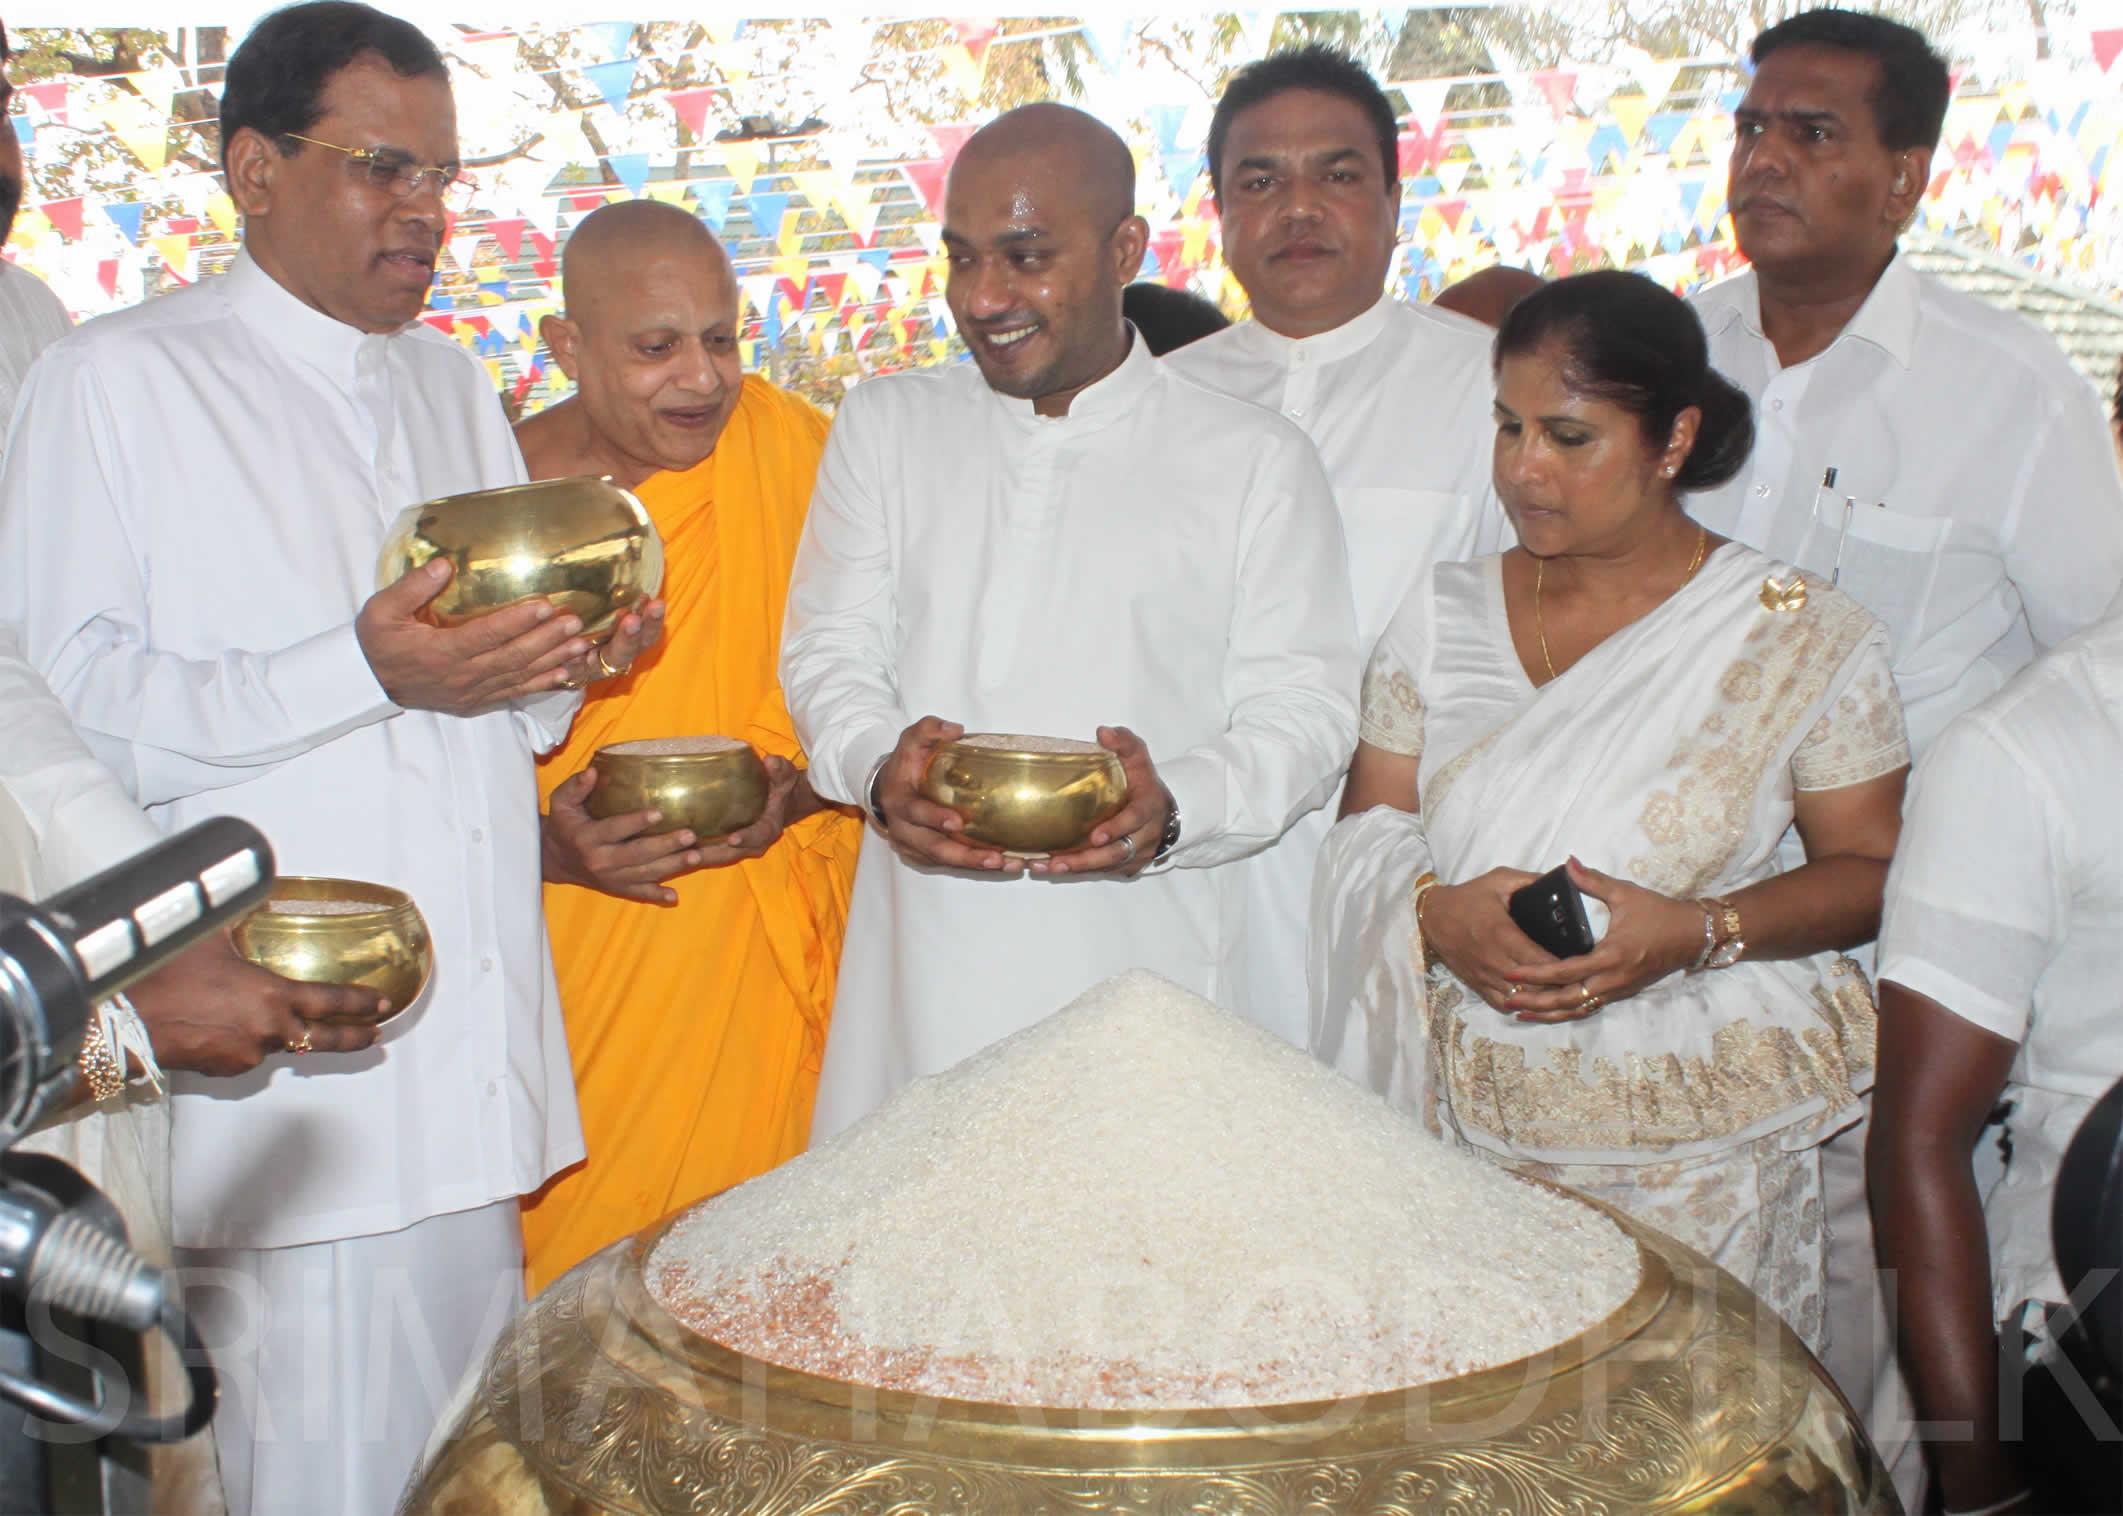 aluth-sahal-mangalyaya-main-c